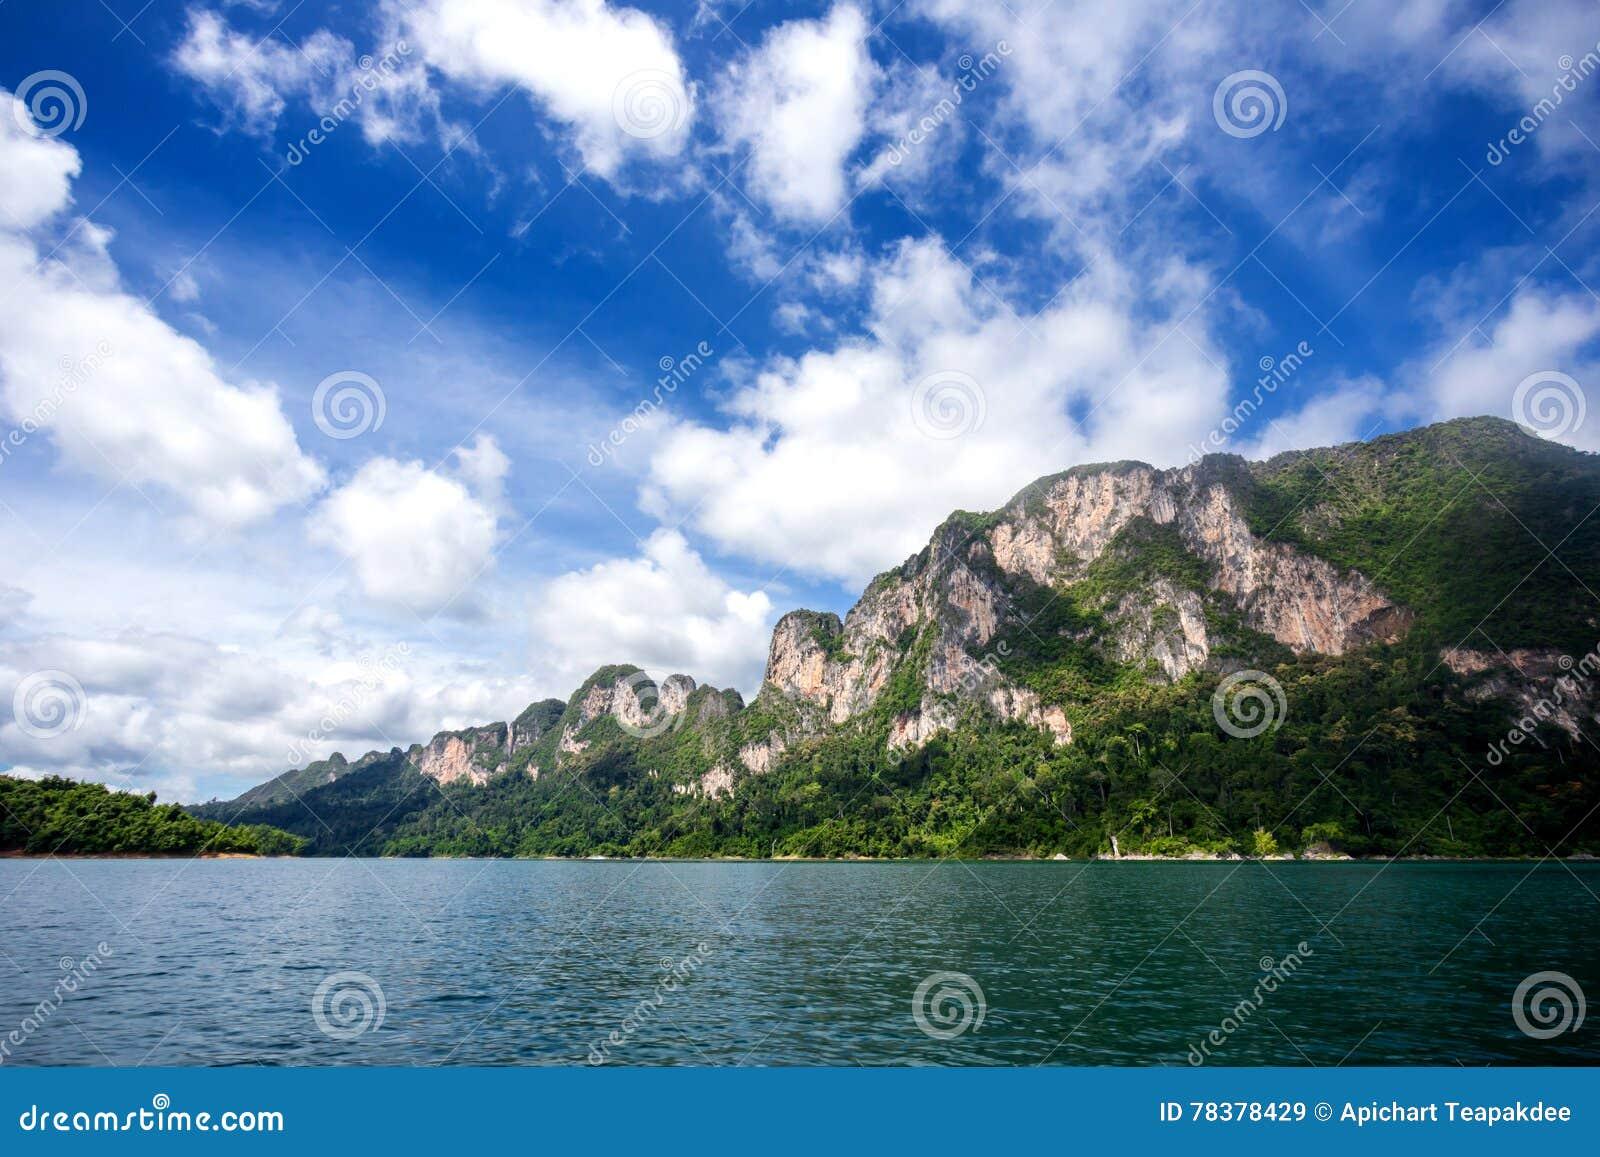 description mountain river natural - photo #24